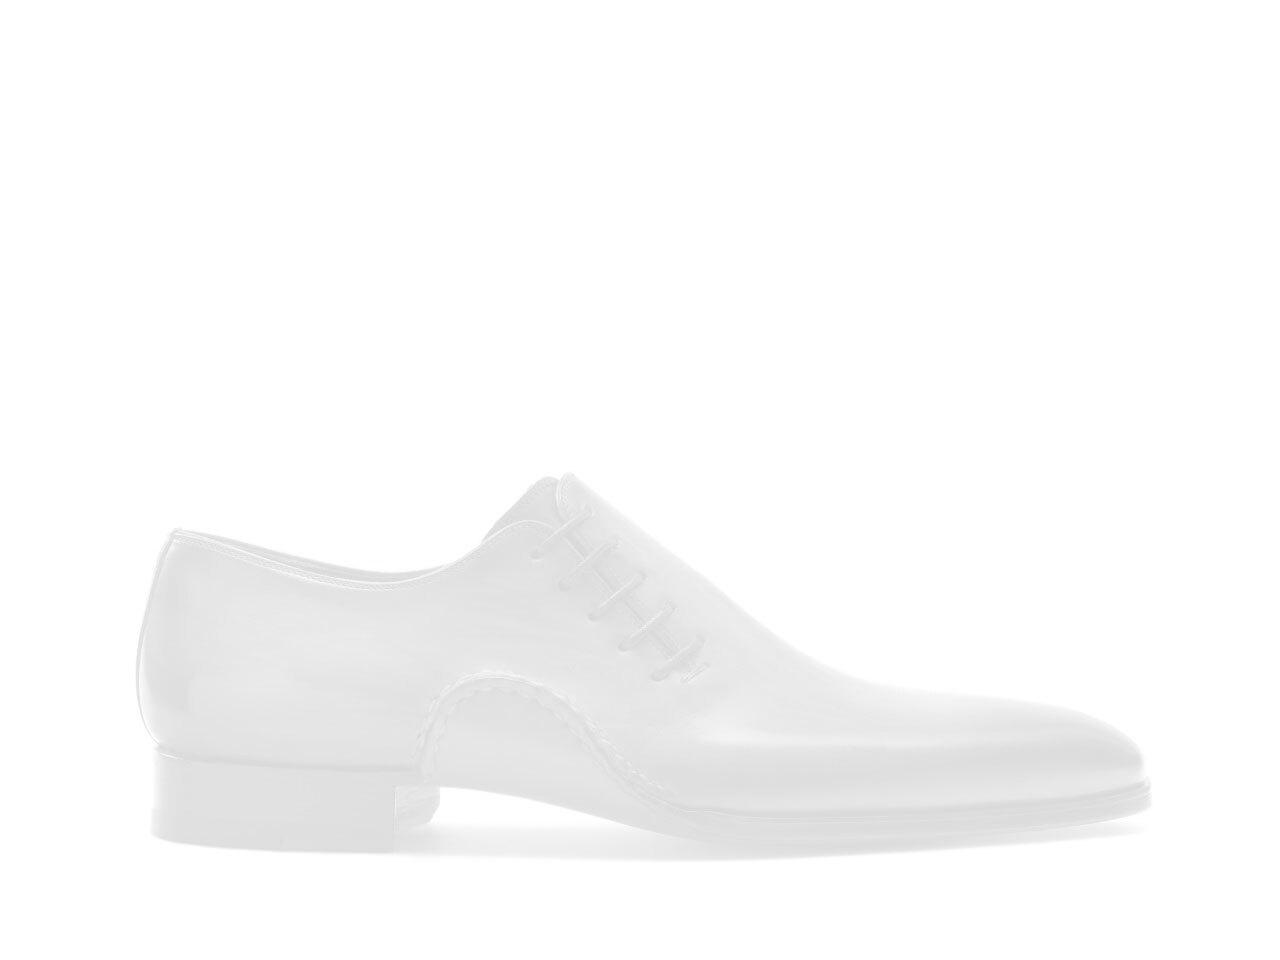 Pair of the Magnanni Saffron Wide Cuero Men's Oxford Shoes